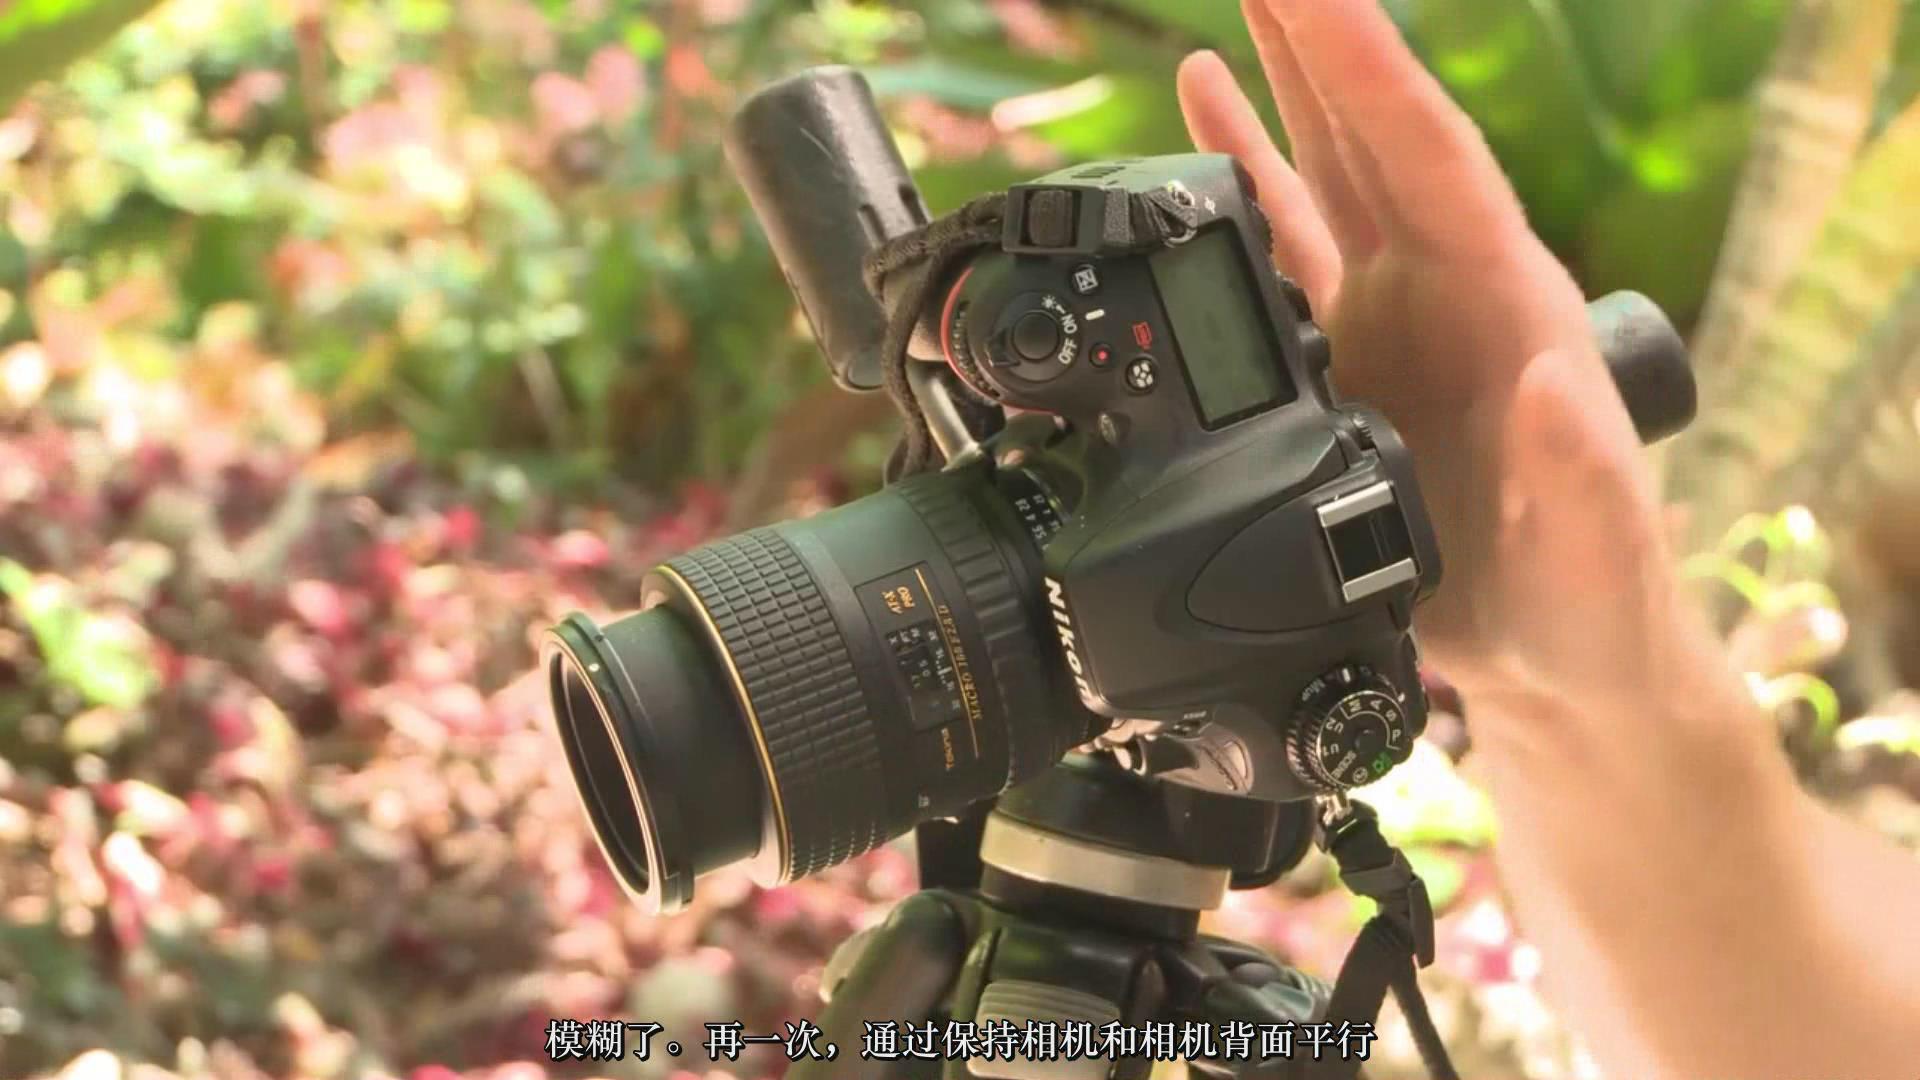 摄影教程_Craftsy –宏观摄影:精通昆虫微距摄影完整指南教程-中文字幕 摄影教程 _预览图5